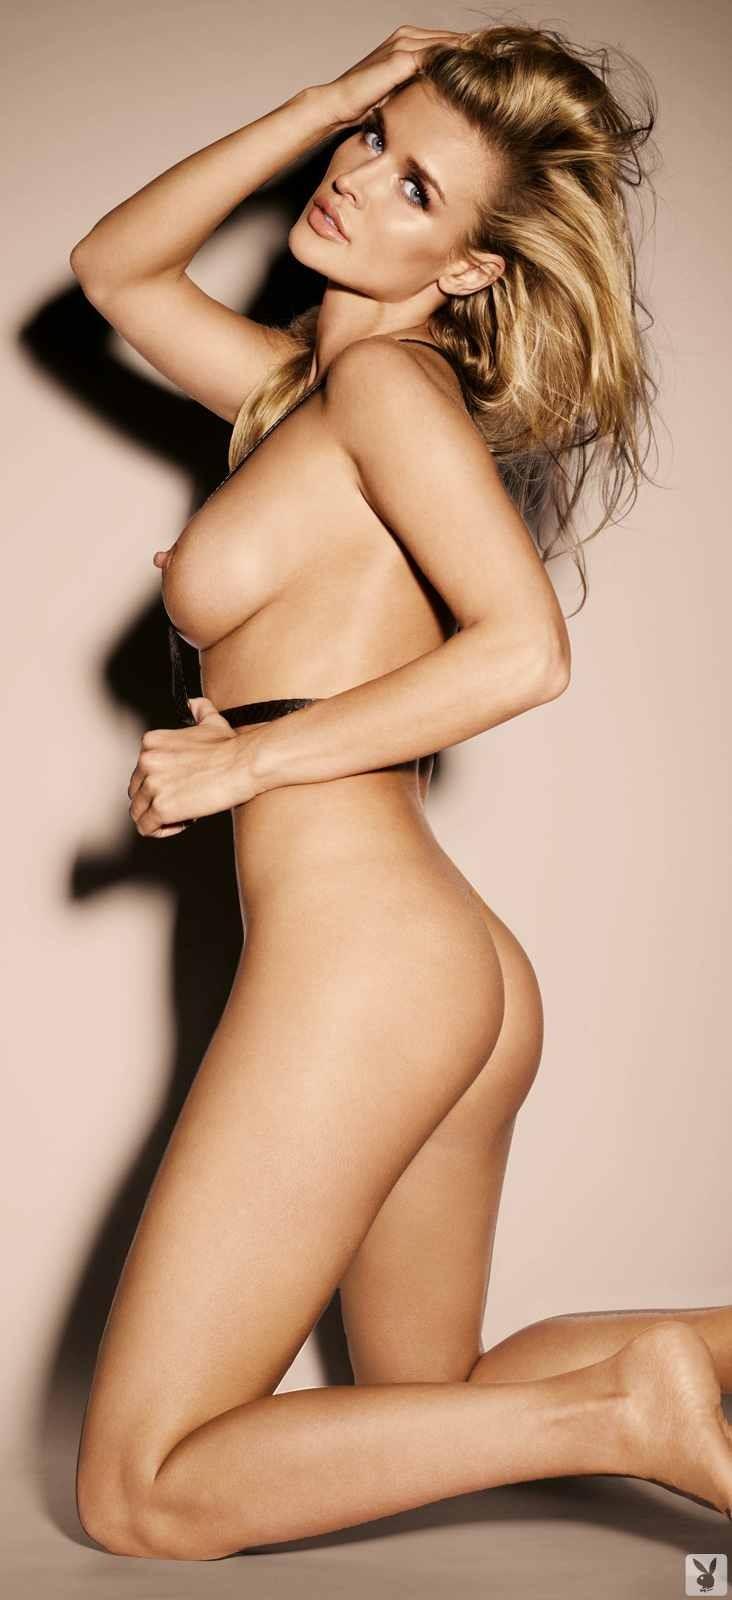 Экстравагантная сучка и её упругая задница